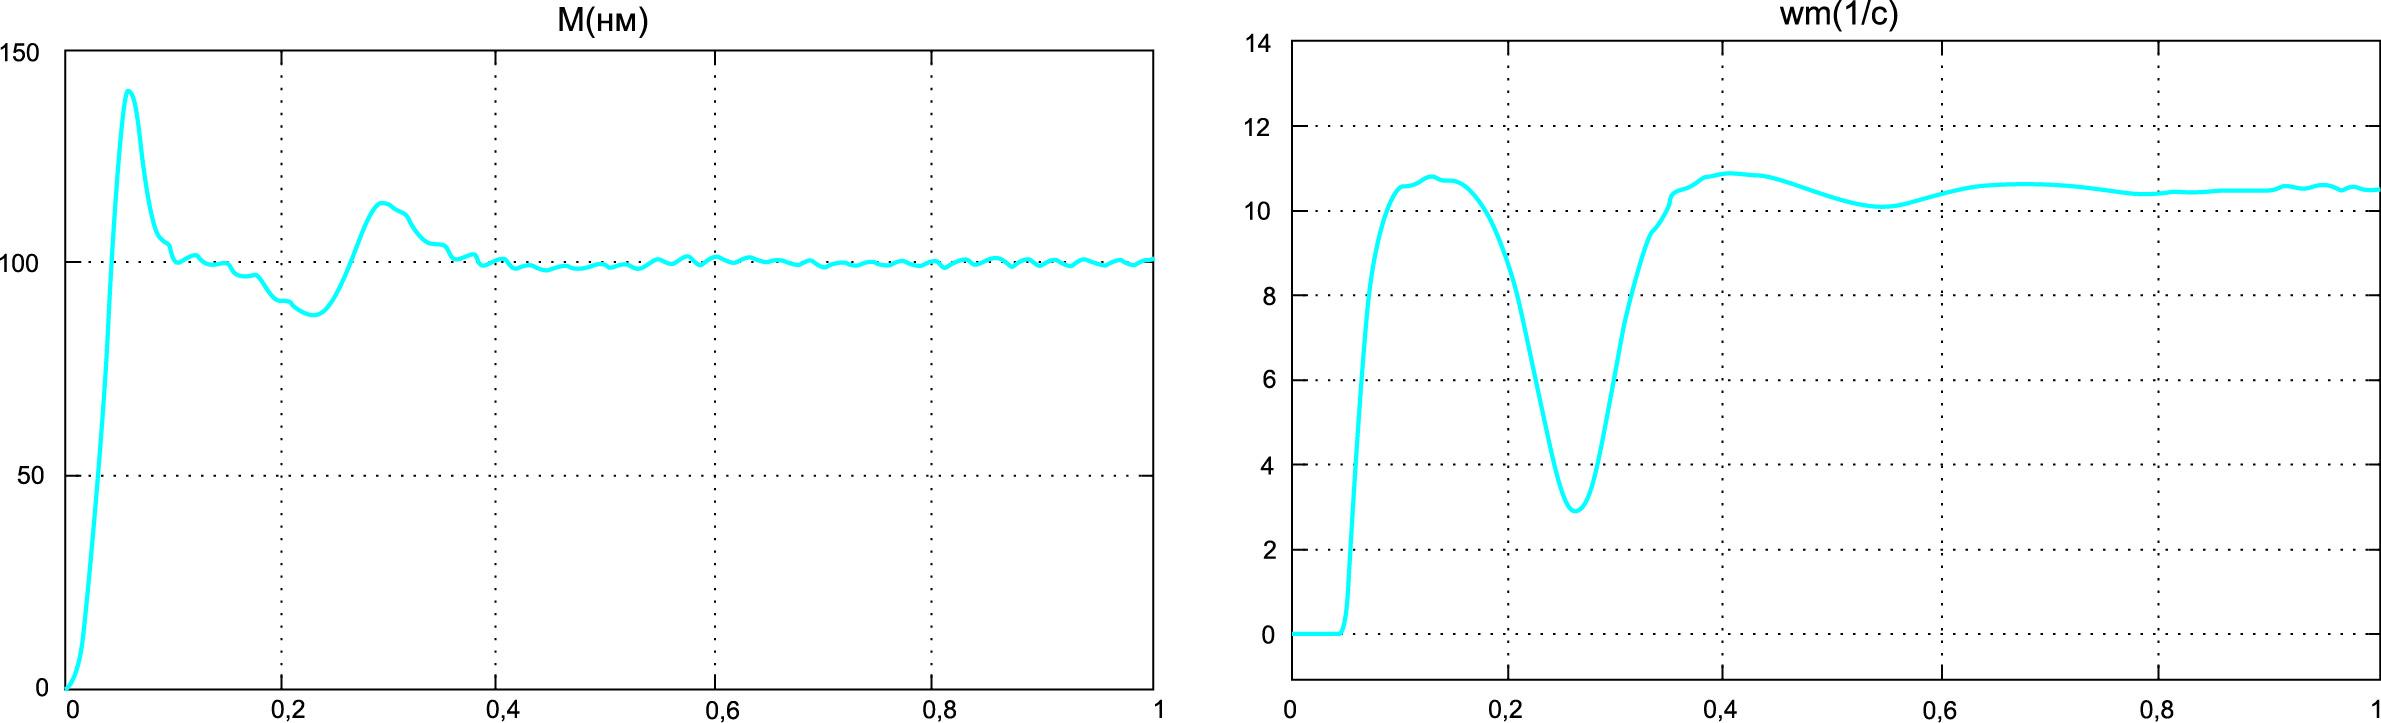 Результаты моделирования переходных процессов по моменту и скорости в виртуальной модели